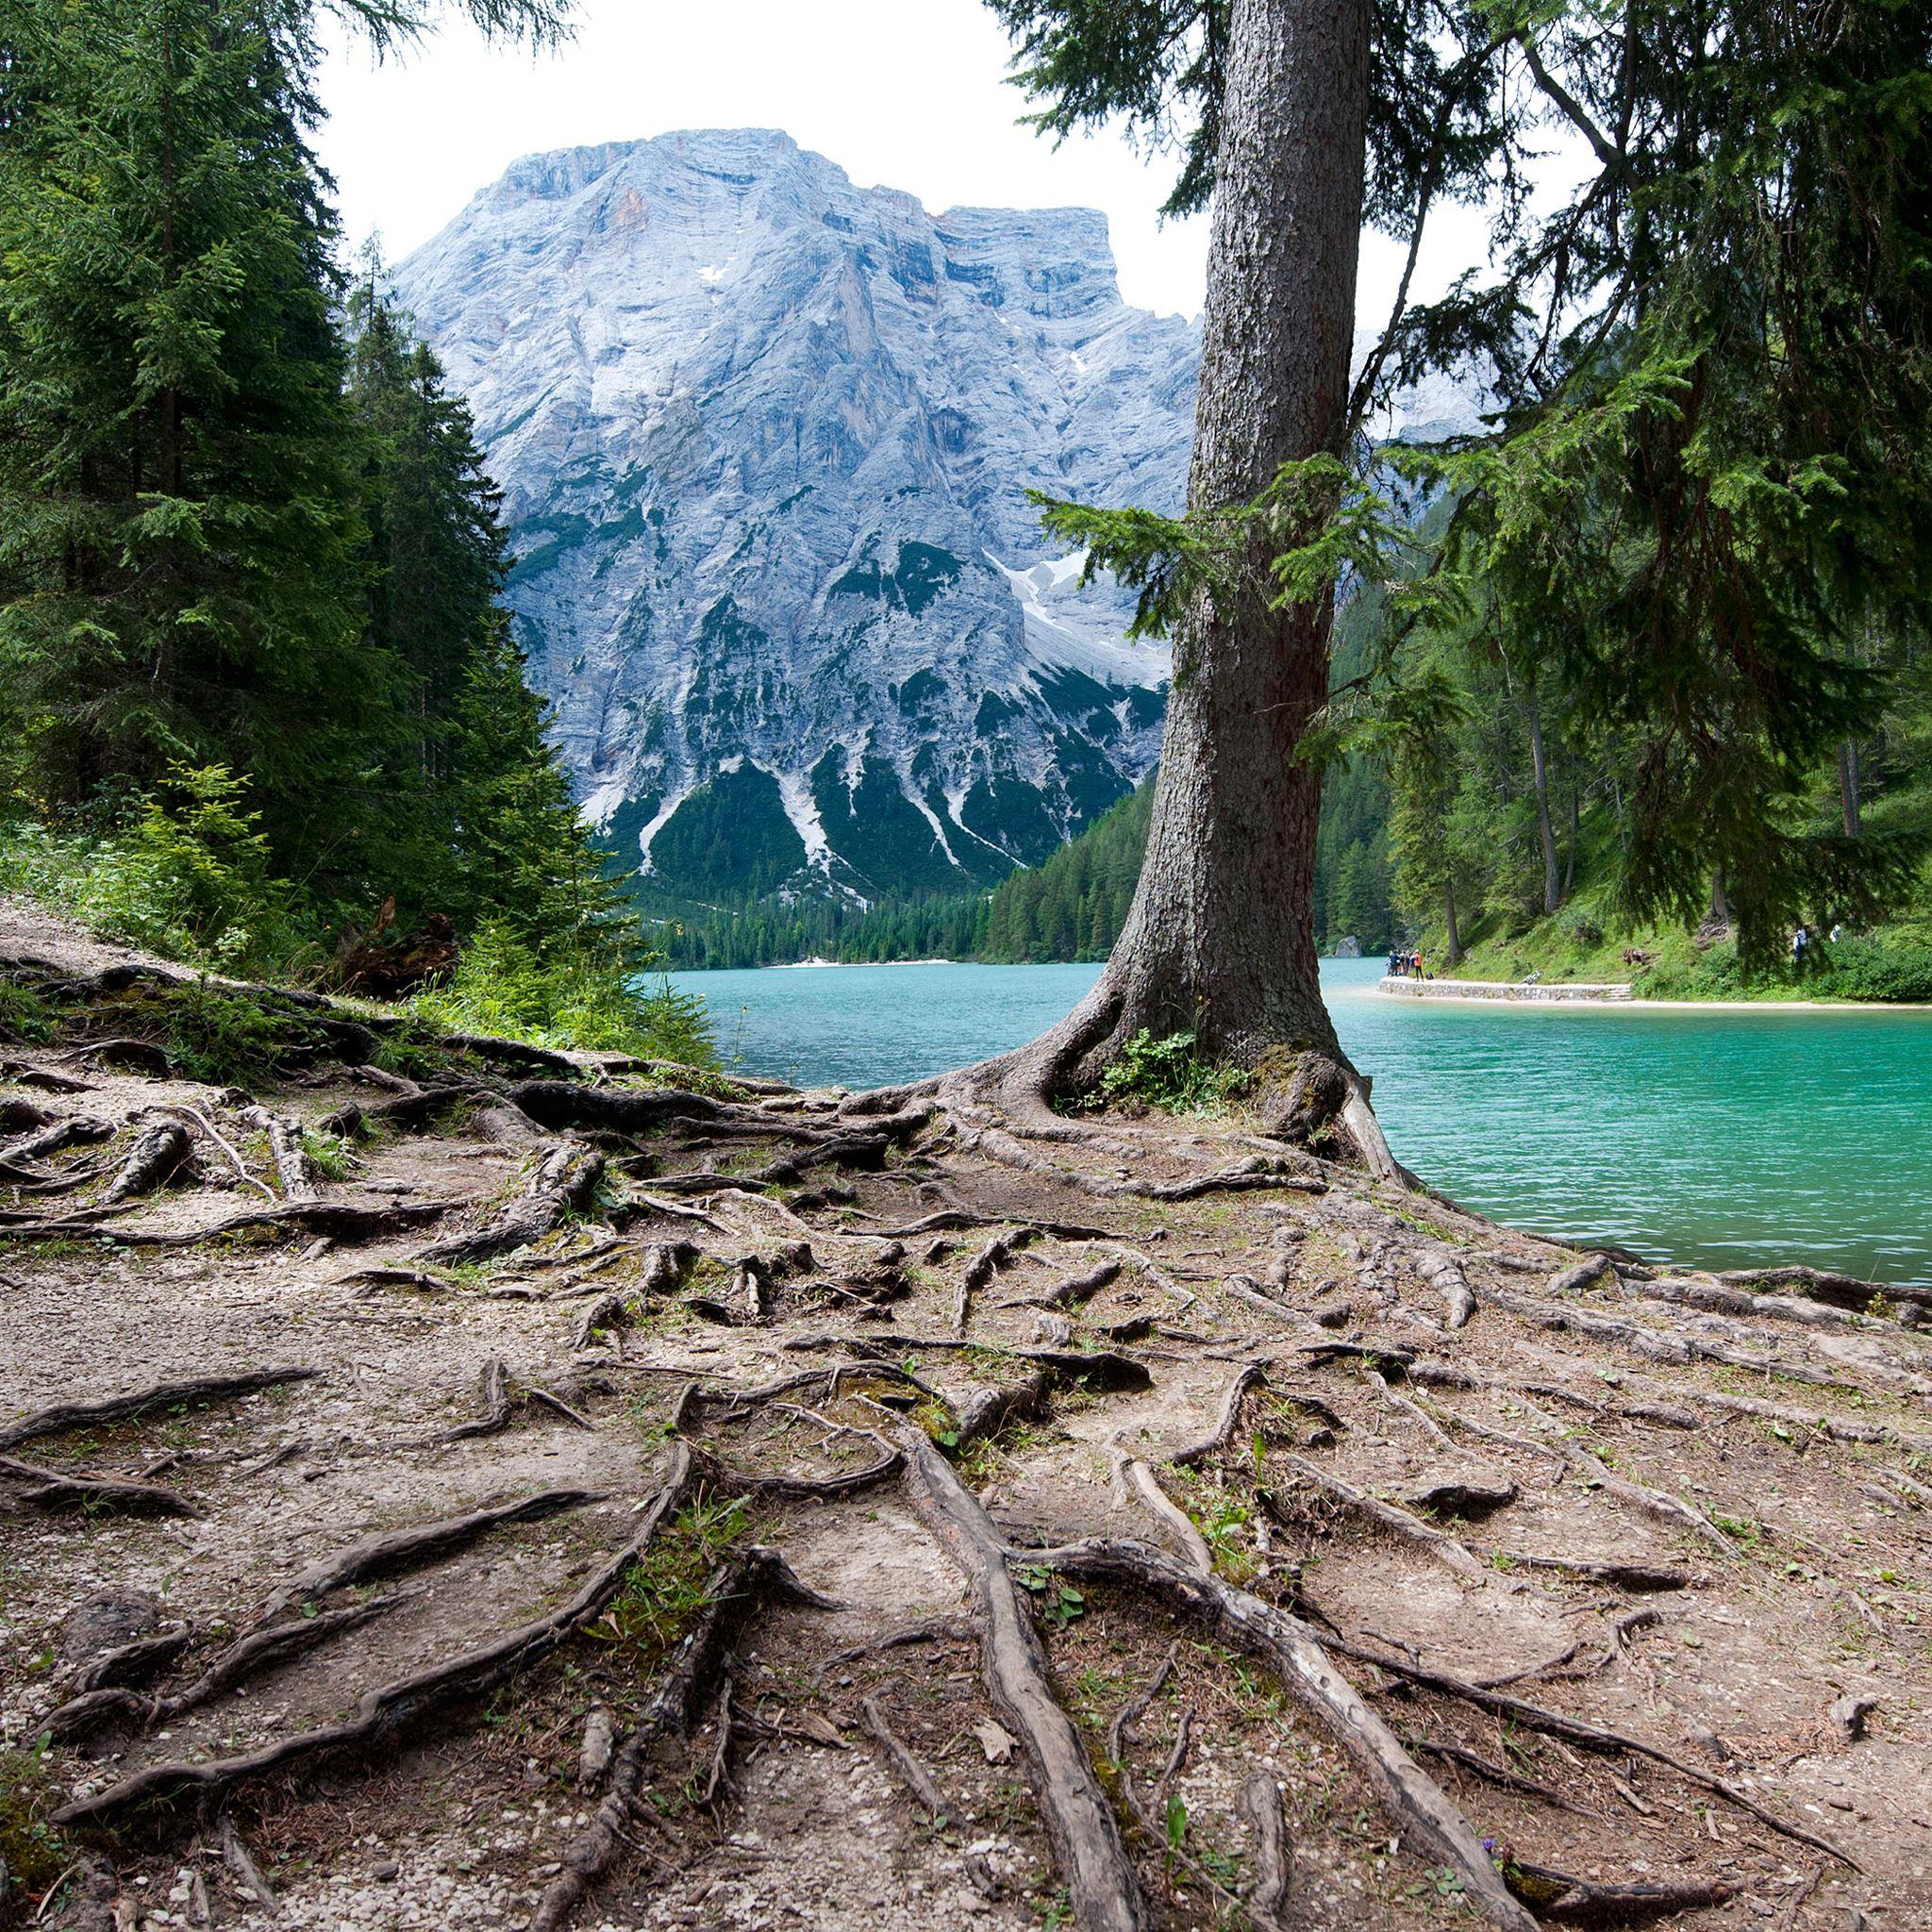 R Wallpaper Download: Lago Di Braies IPad Air Wallpaper Download